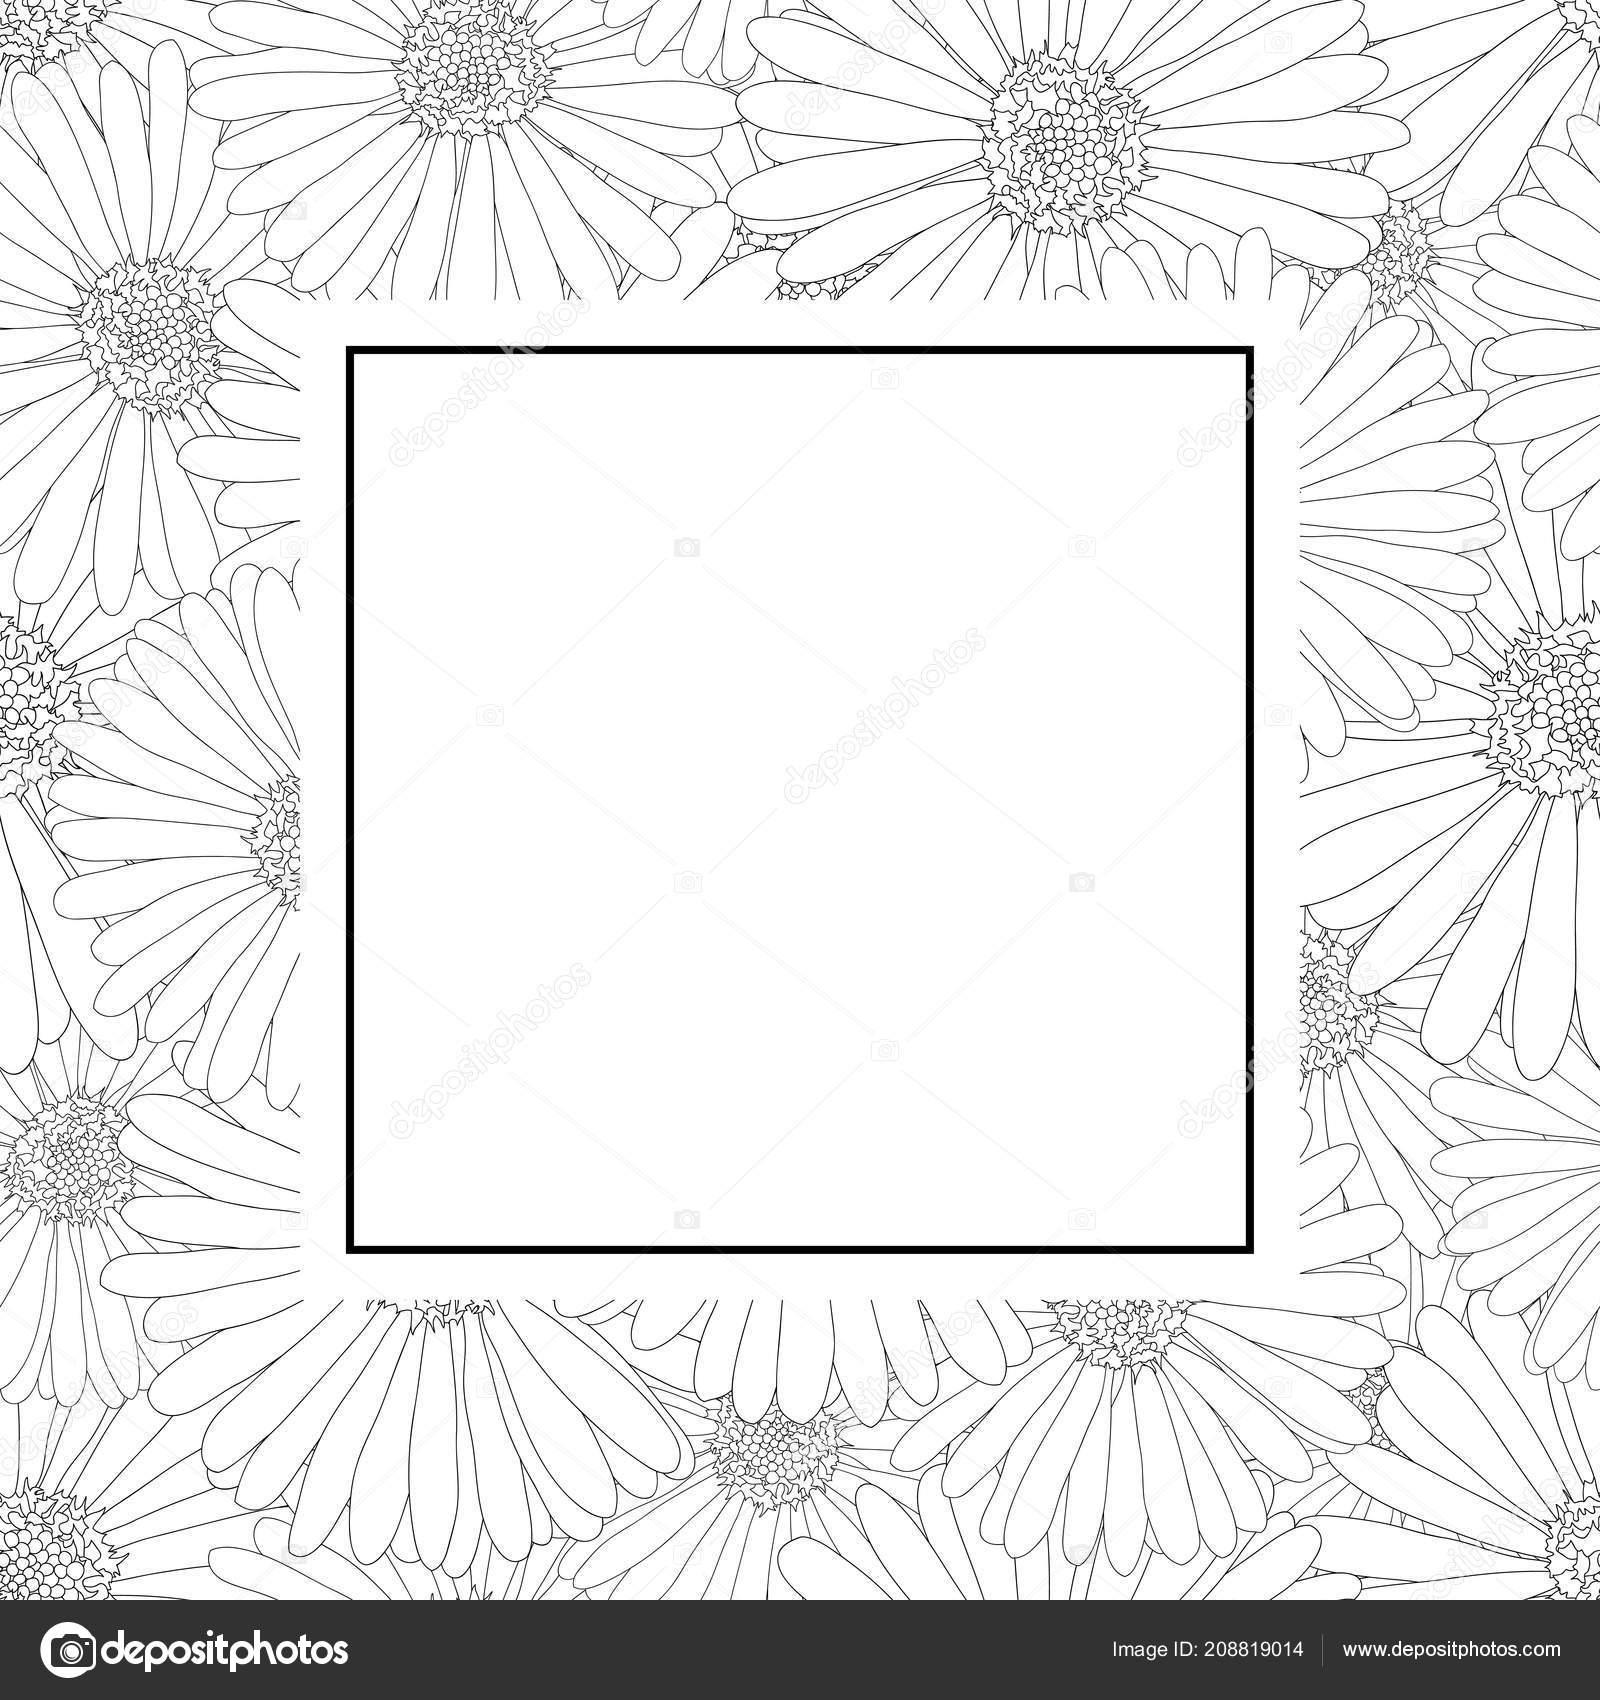 Aster daisy flower outline banner card border vector illustration aster daisy flower outline banner card border vector illustration stock vector izmirmasajfo